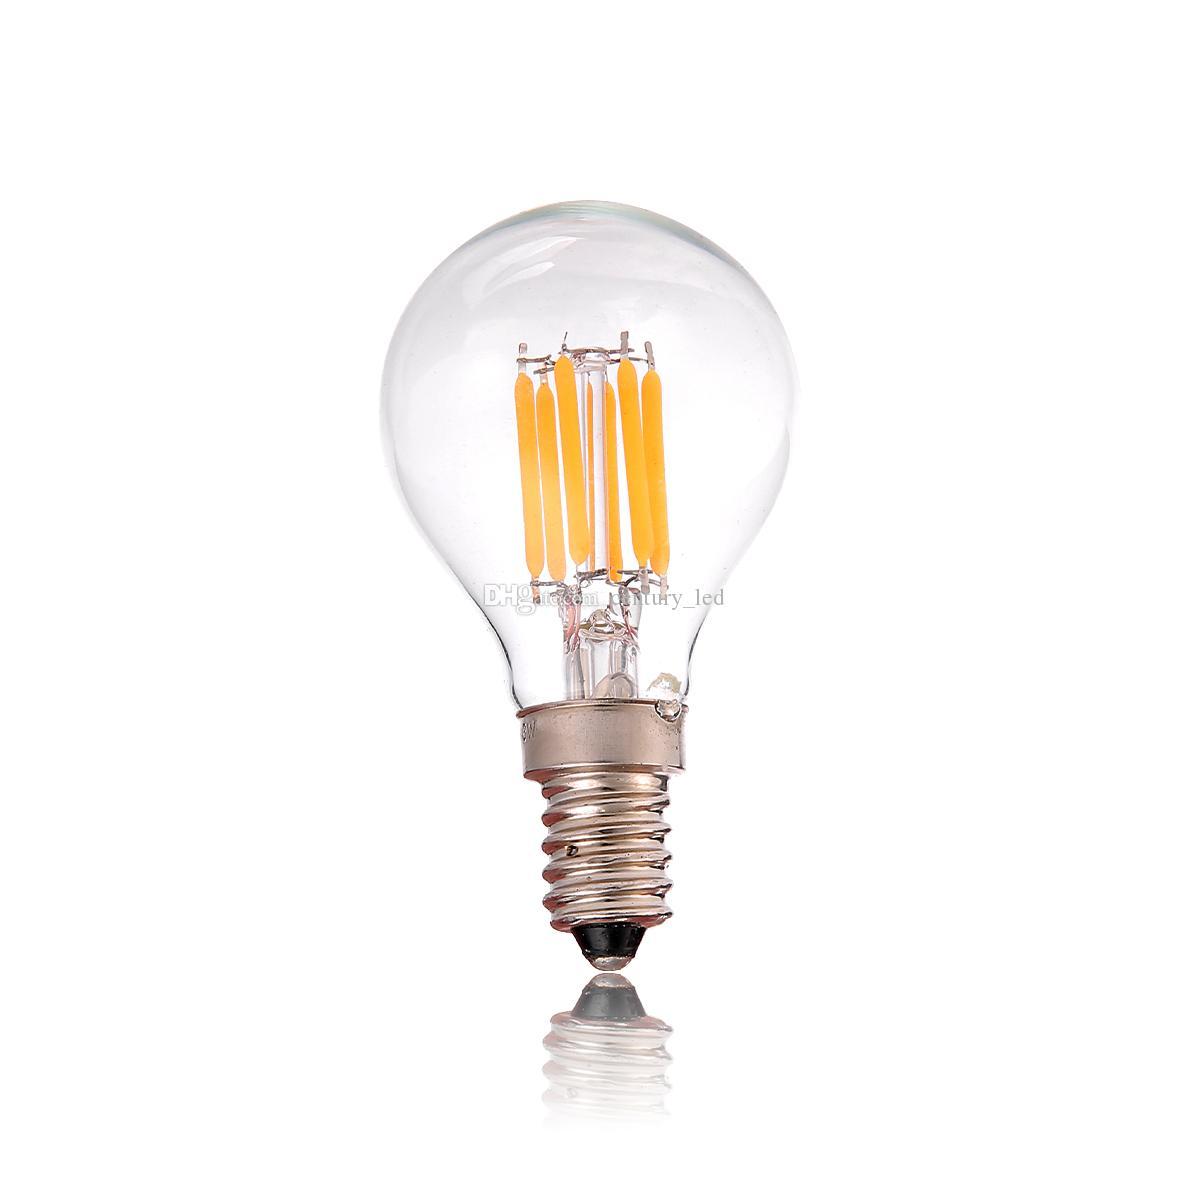 retro led filament g40 globe clear stylewarm whitee12 e14 edison led bulb e14 e12 led bulb light led filament bulb online